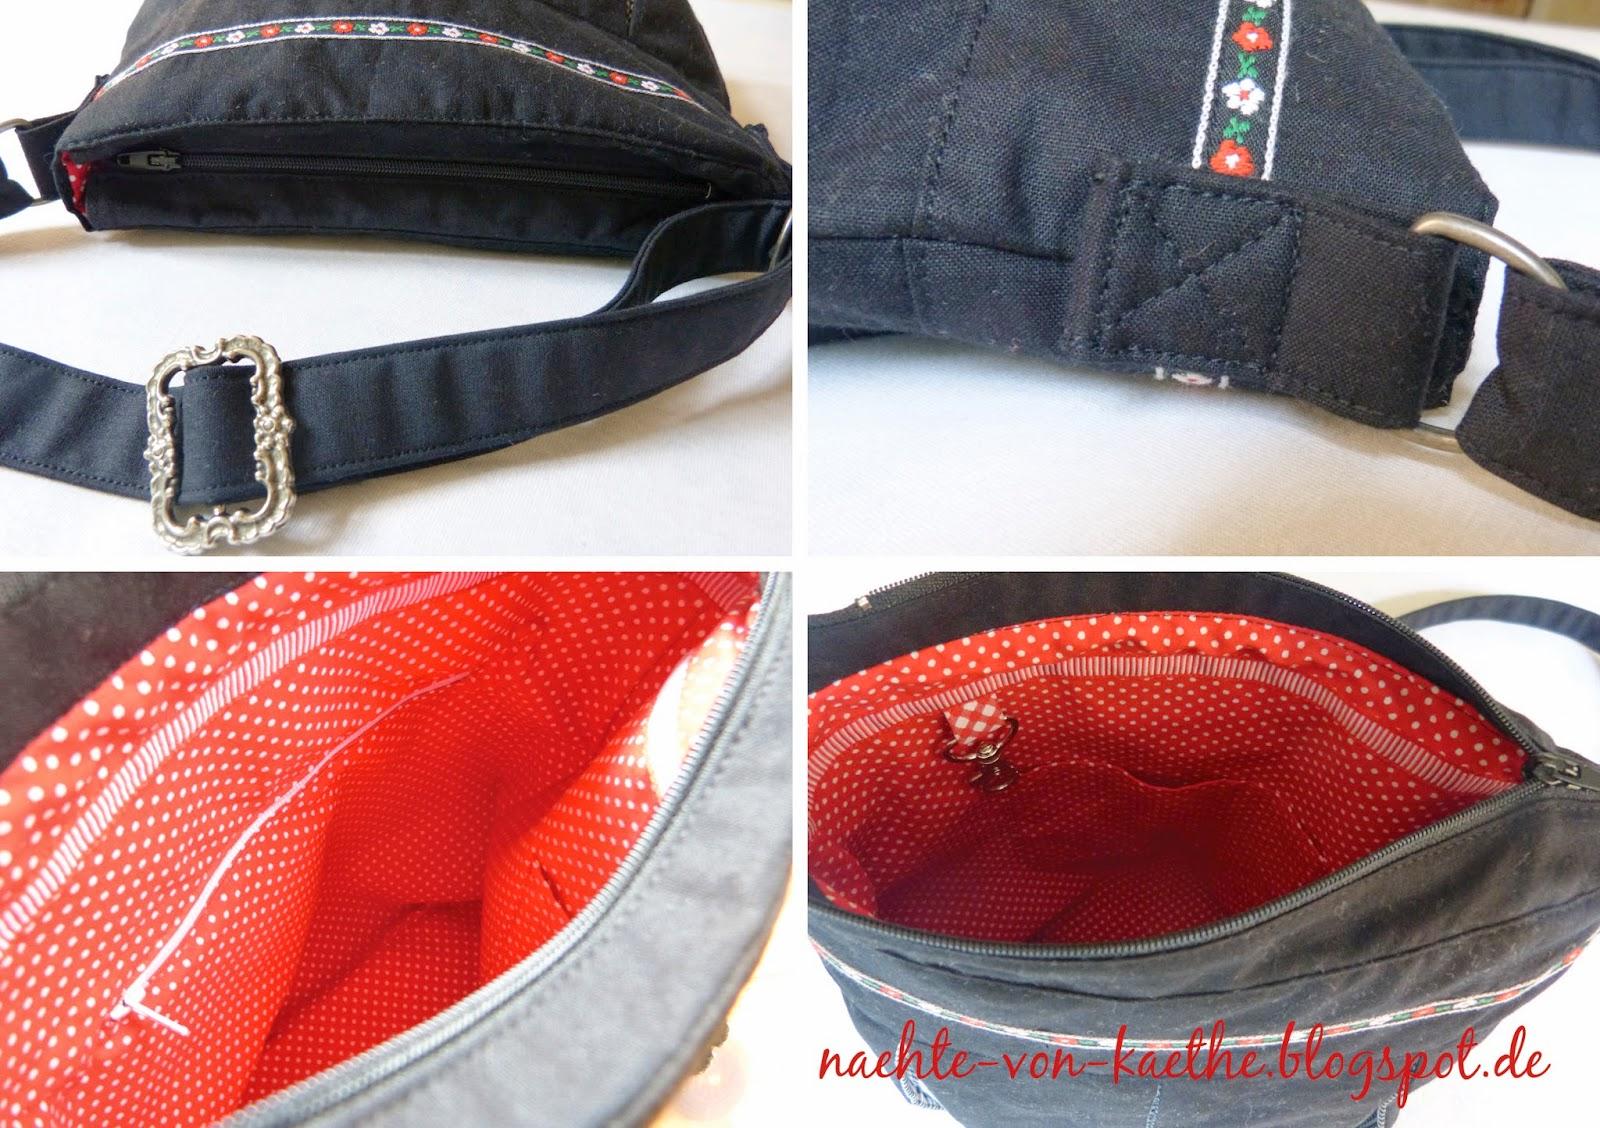 Pattydoo-Susi als Handtasche Detailansicht: Reßverschluss, angebrachter Henkel, Reißverschlussinnenfach